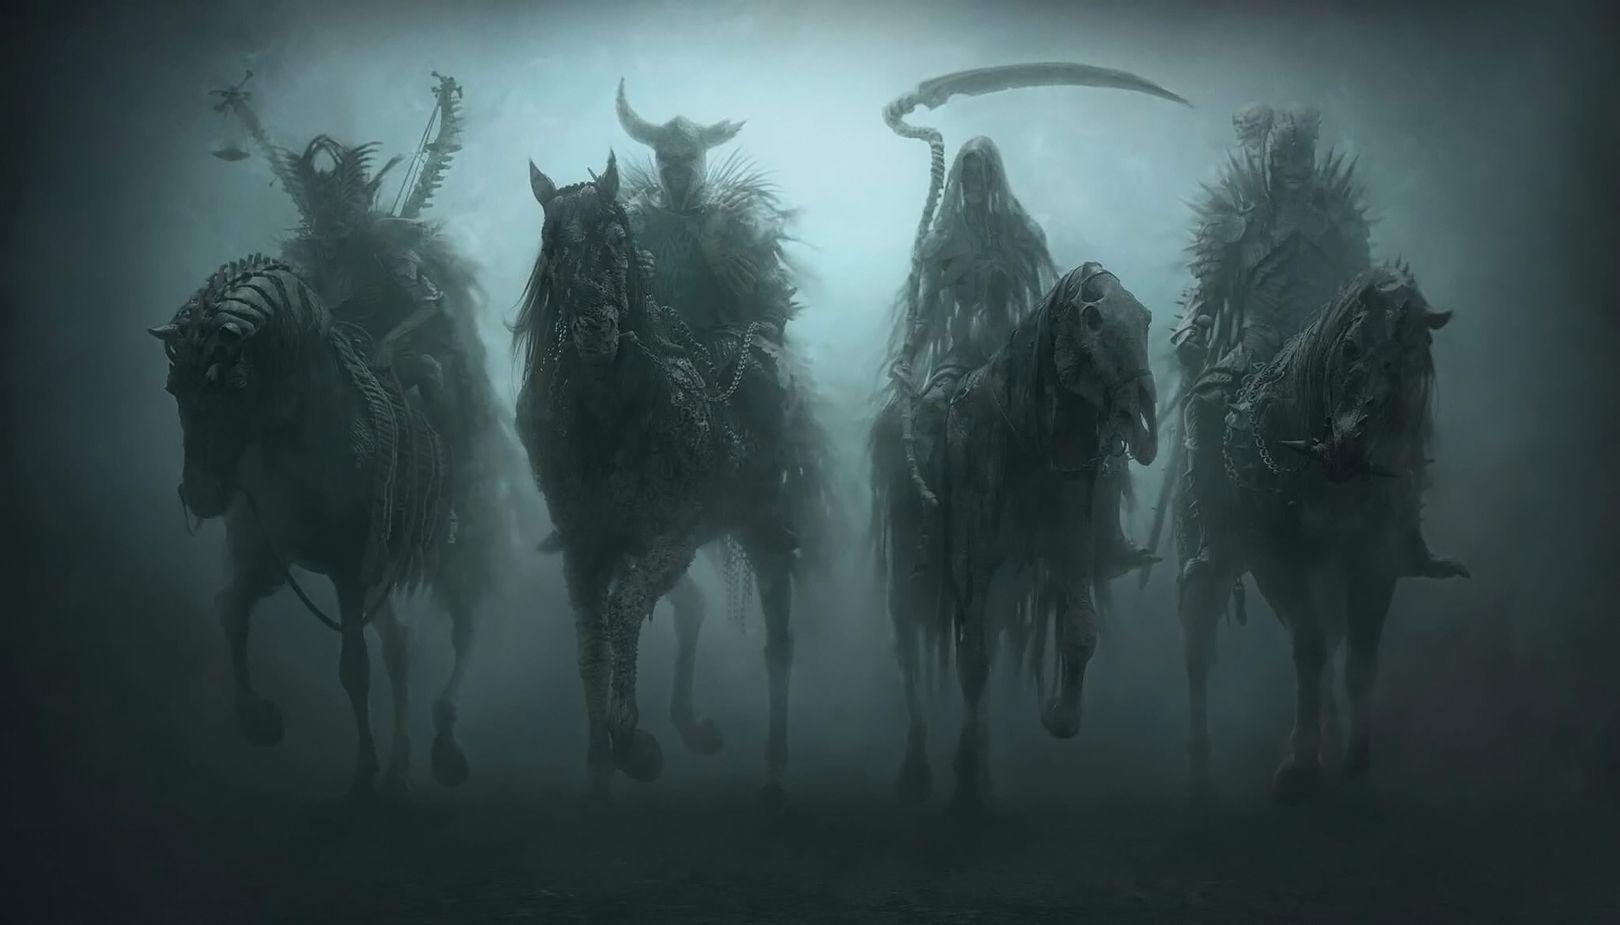 Les Quatre Cavaliers | Four Horsemen [Vidéo]